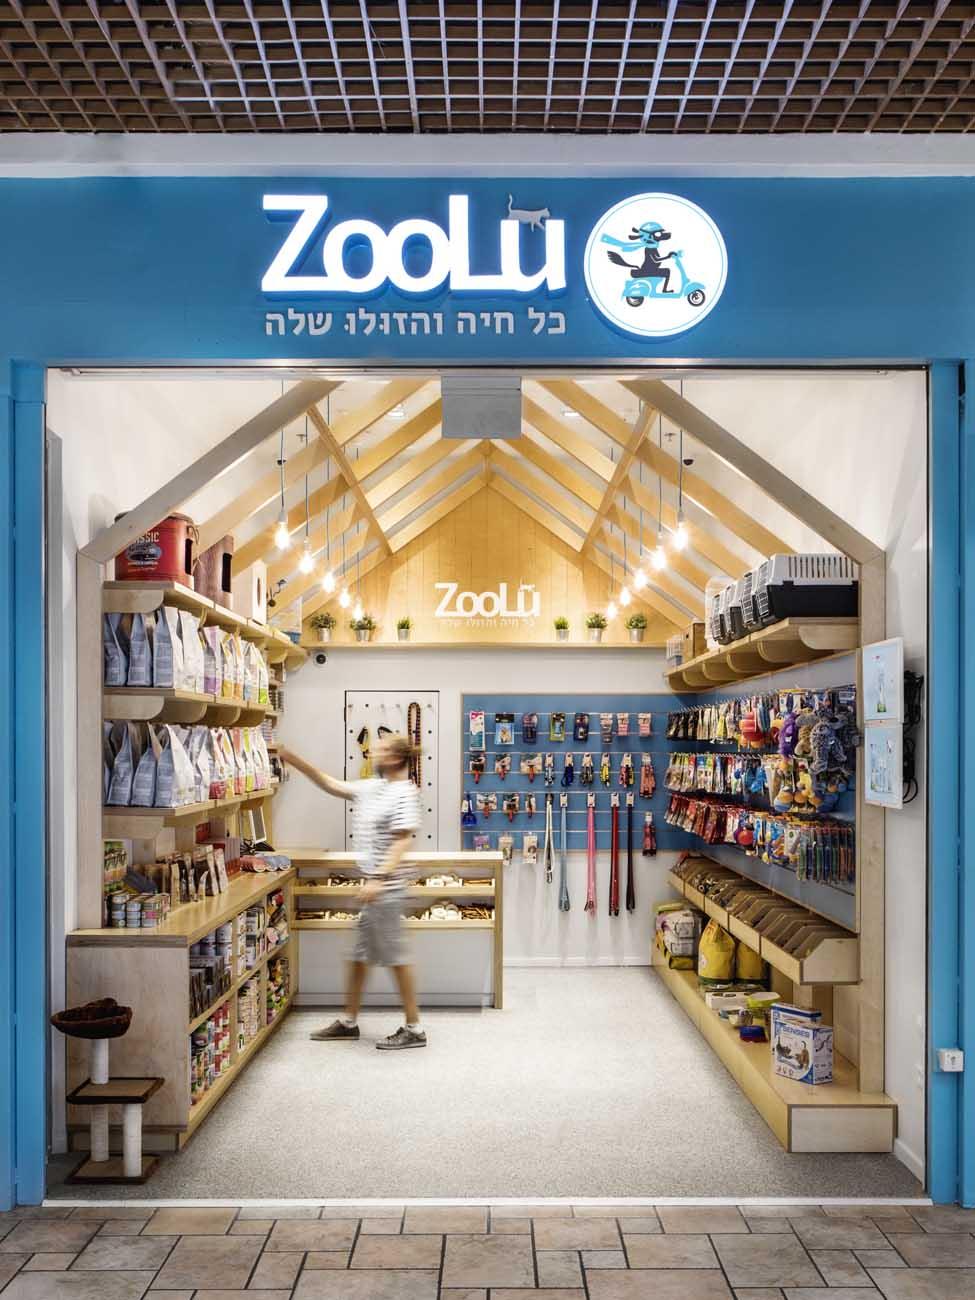 2_Zoolu_Hod-Hasharon.jpg